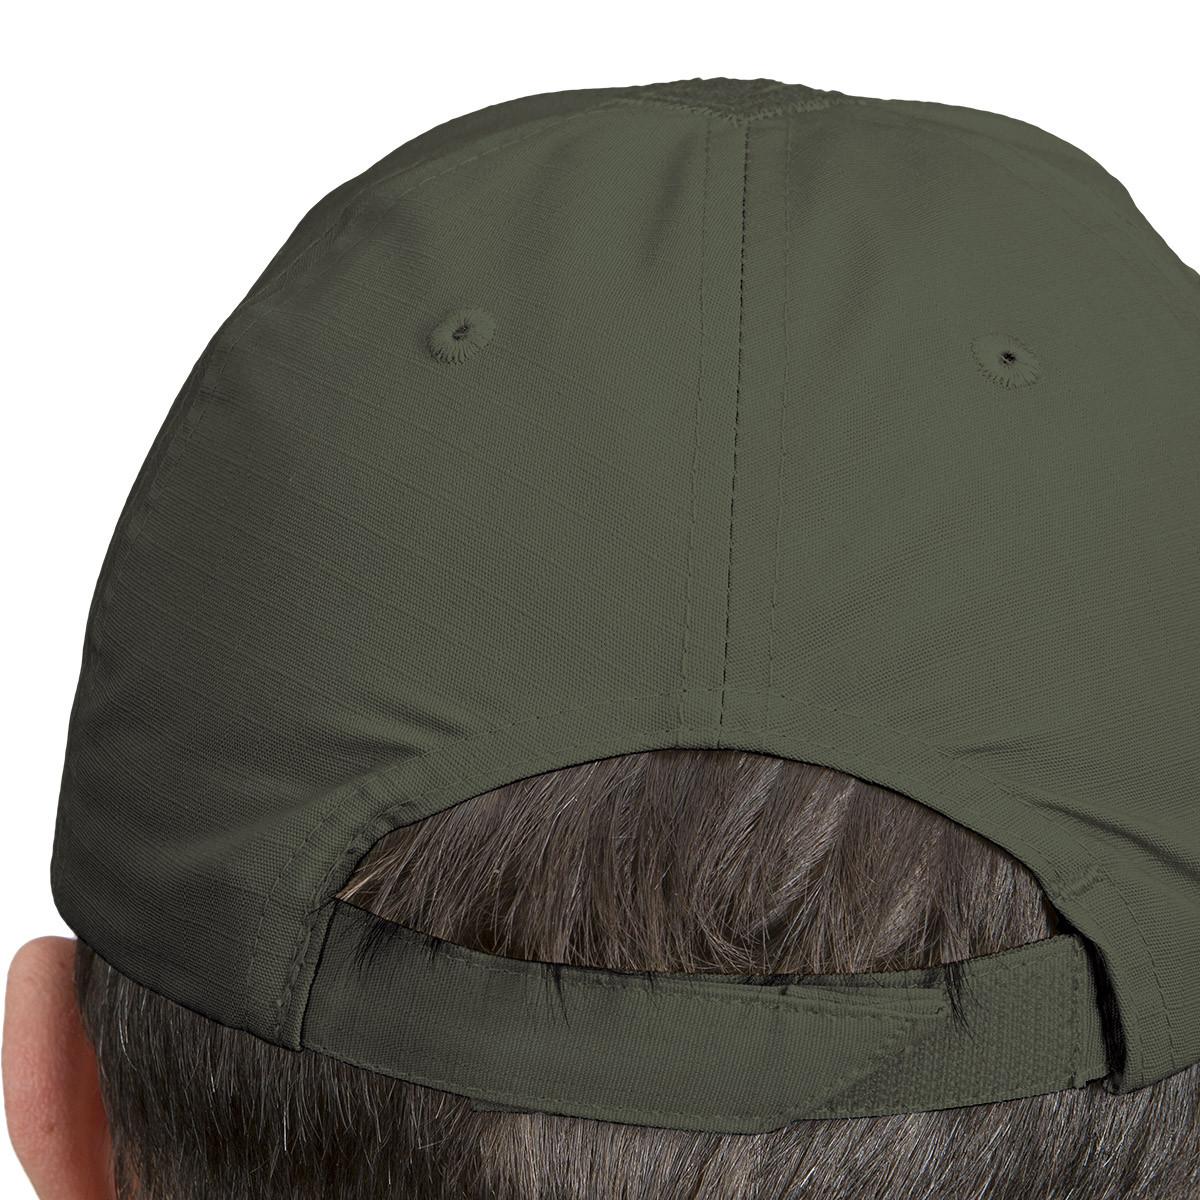 5.11 Tactical Taclite Uniform Cap